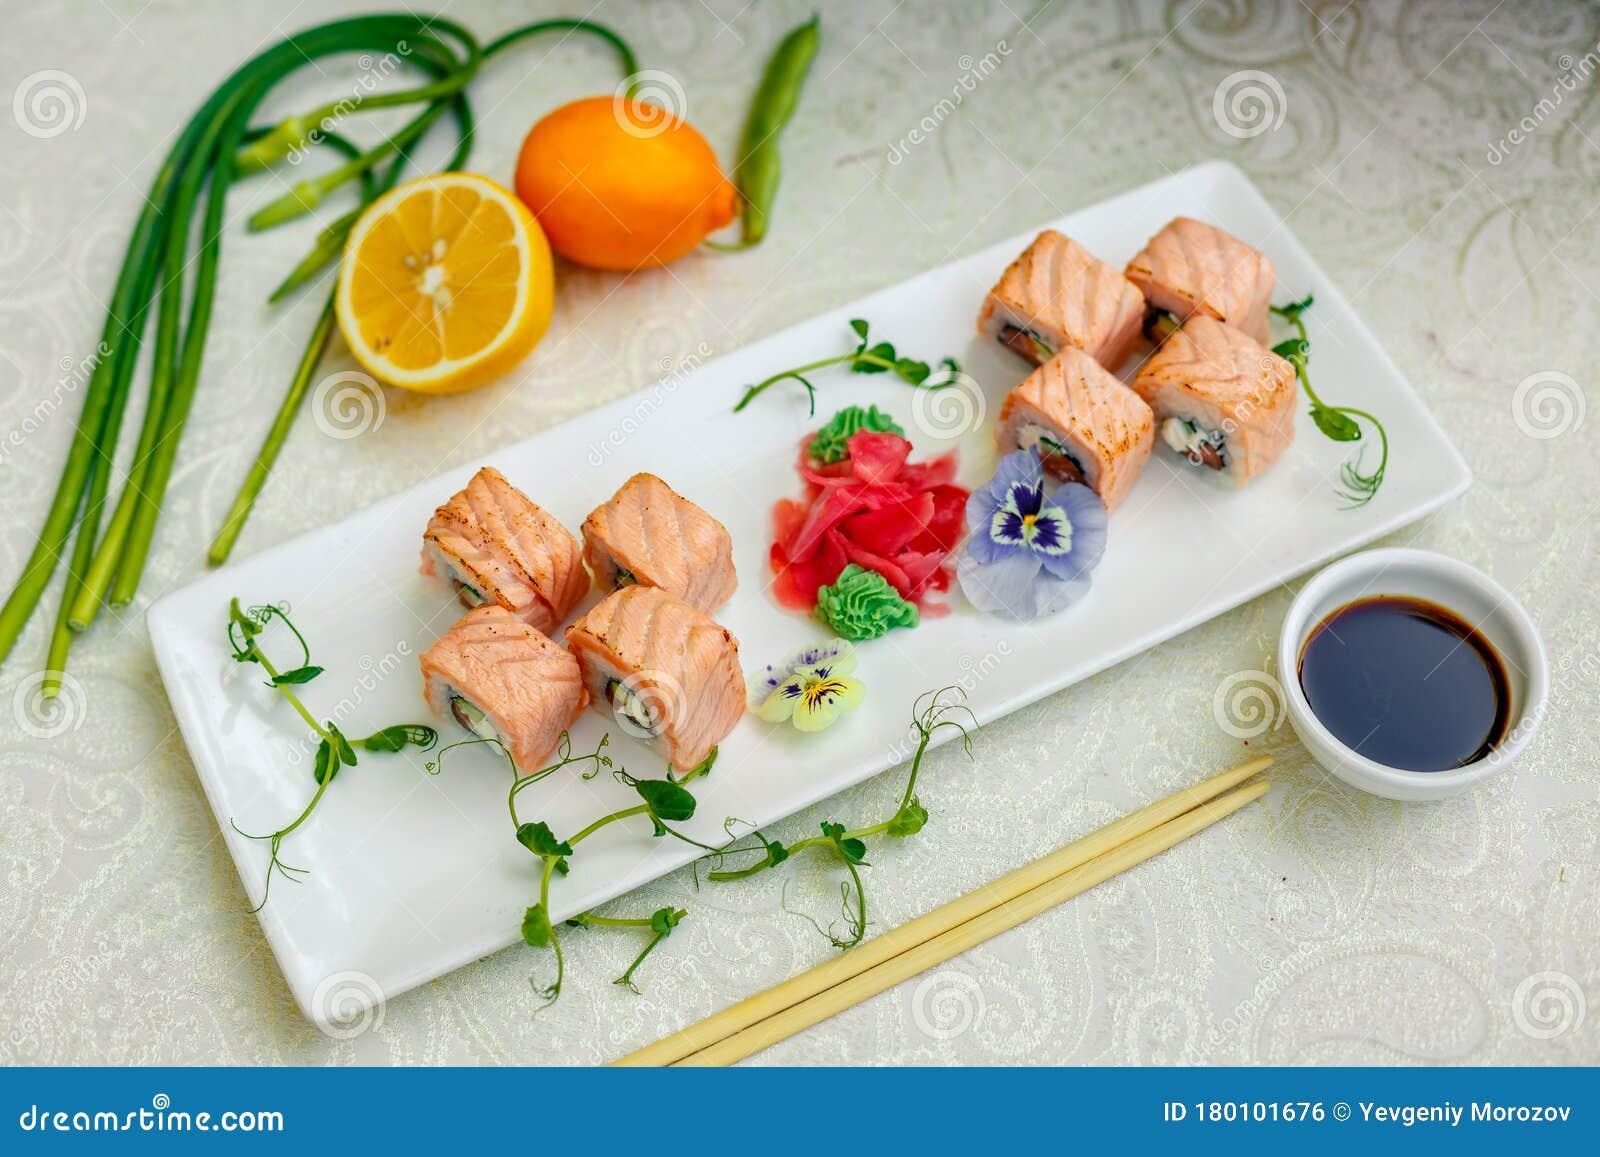 Обои соус, Японская кухня, имбирь. Еда foto 17